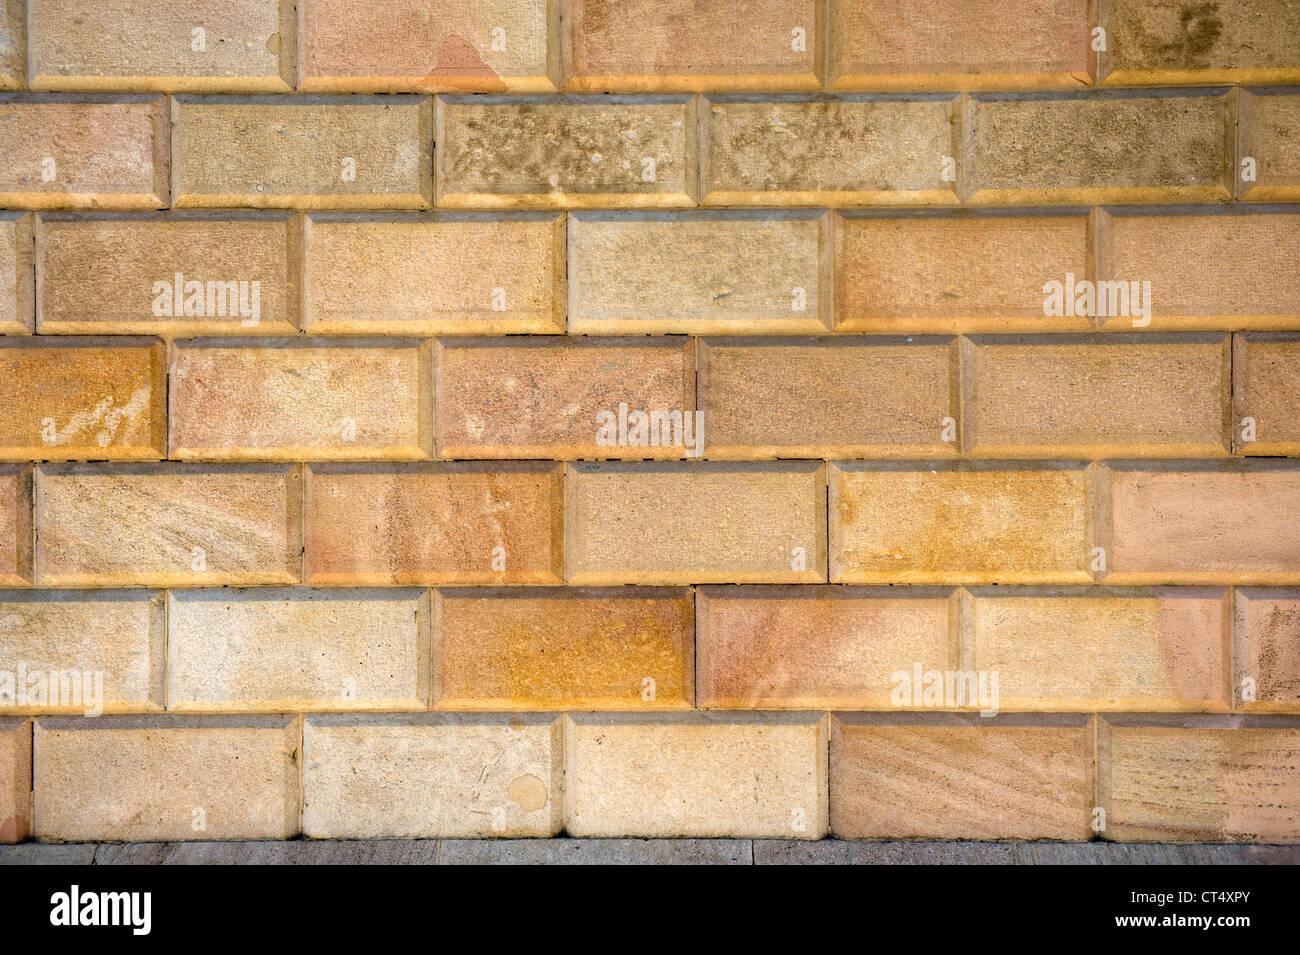 Mattoni intagliati nella parete di un frame completo Immagini Stock